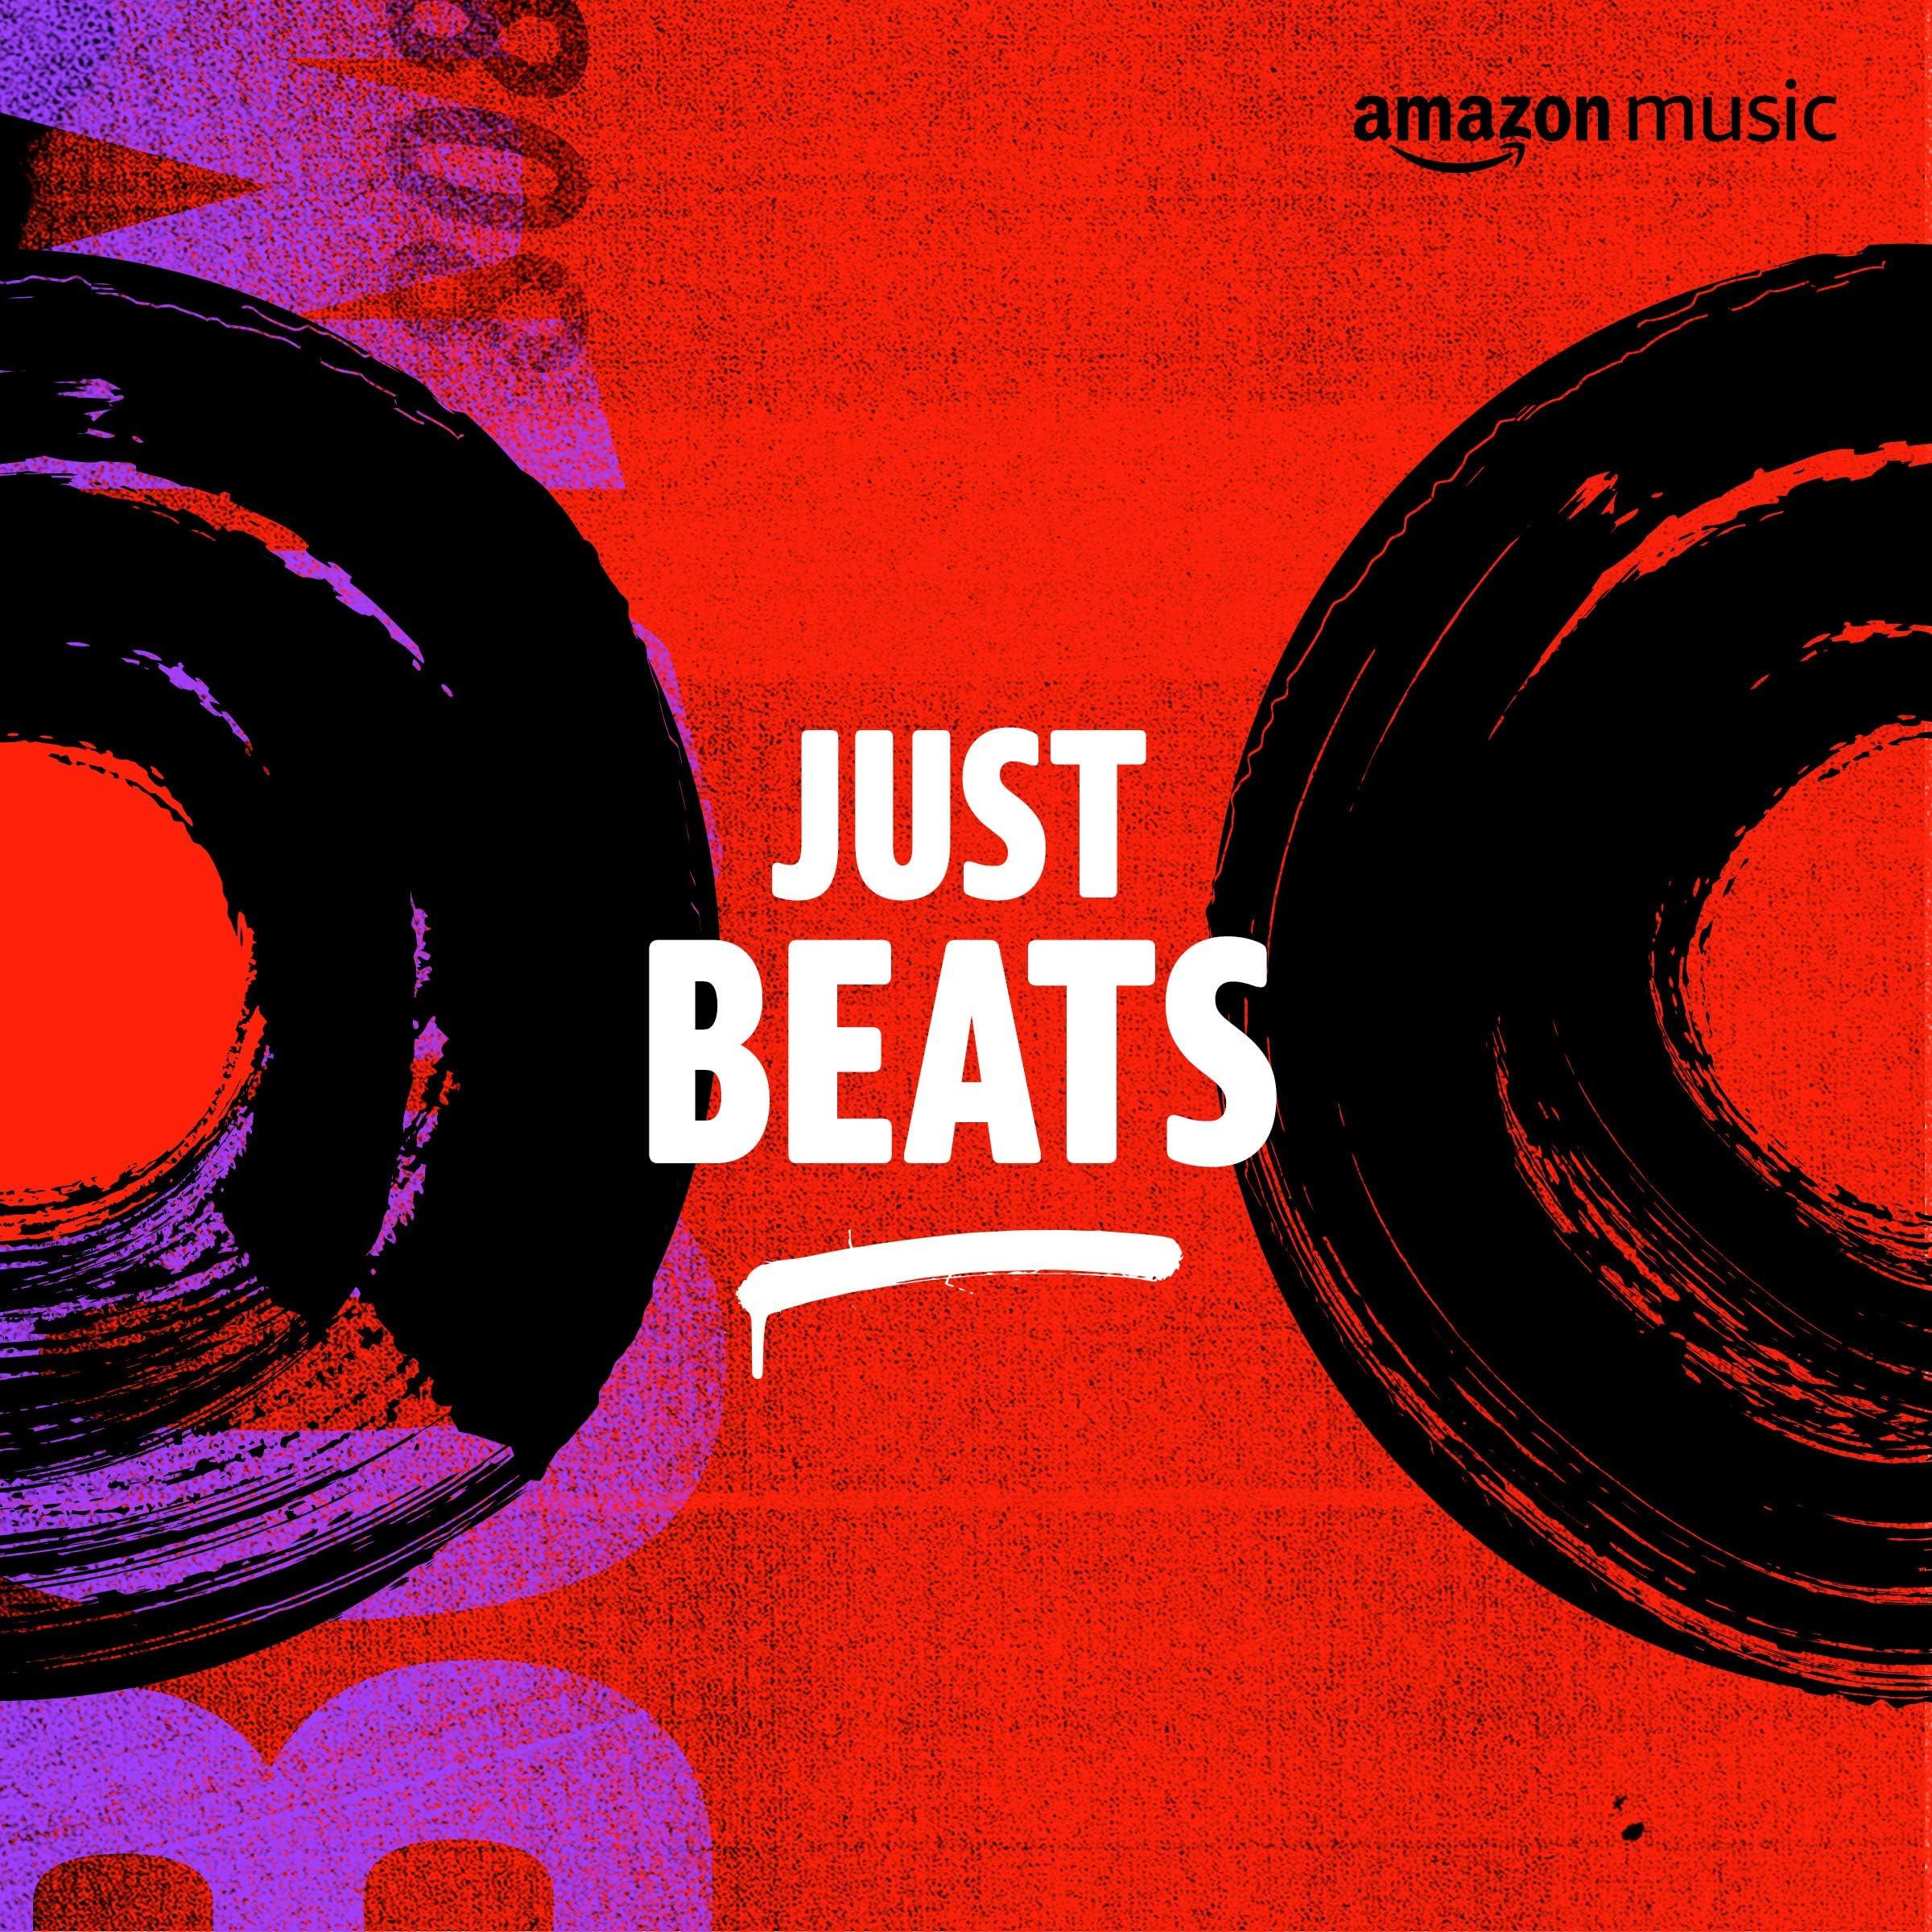 Just Beats